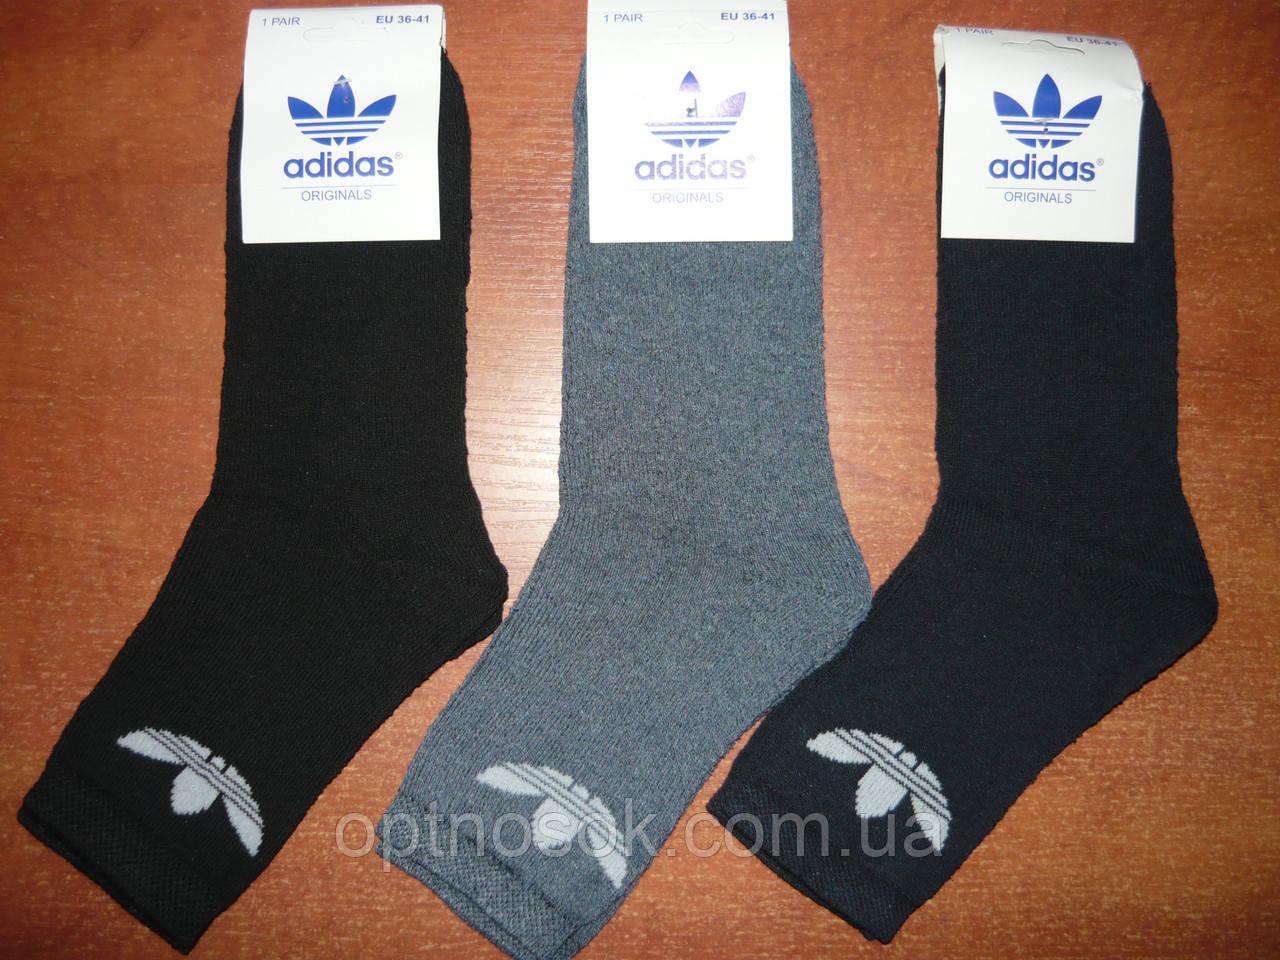 """Підліткові махрові шкарпетки """"в стилі"""" """"Adidas"""". р. 36-41. Туреччина"""